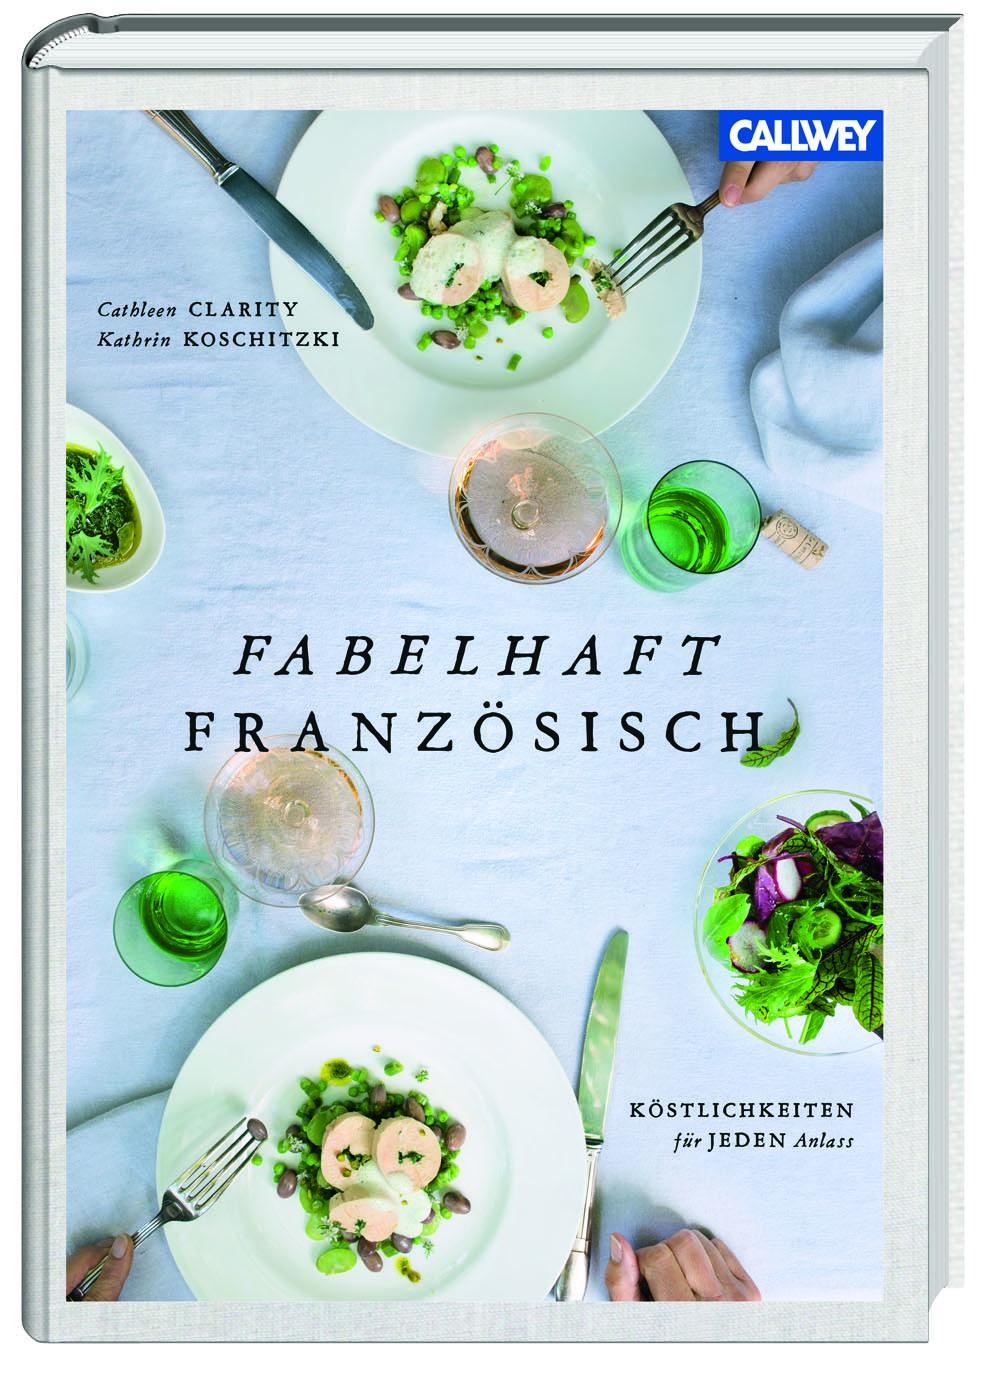 Fabelhaft Französisch (Callway) von Cathleen Clarity (Autor) und Kathrin Koschitzki (Fotograf), um 36 Euro